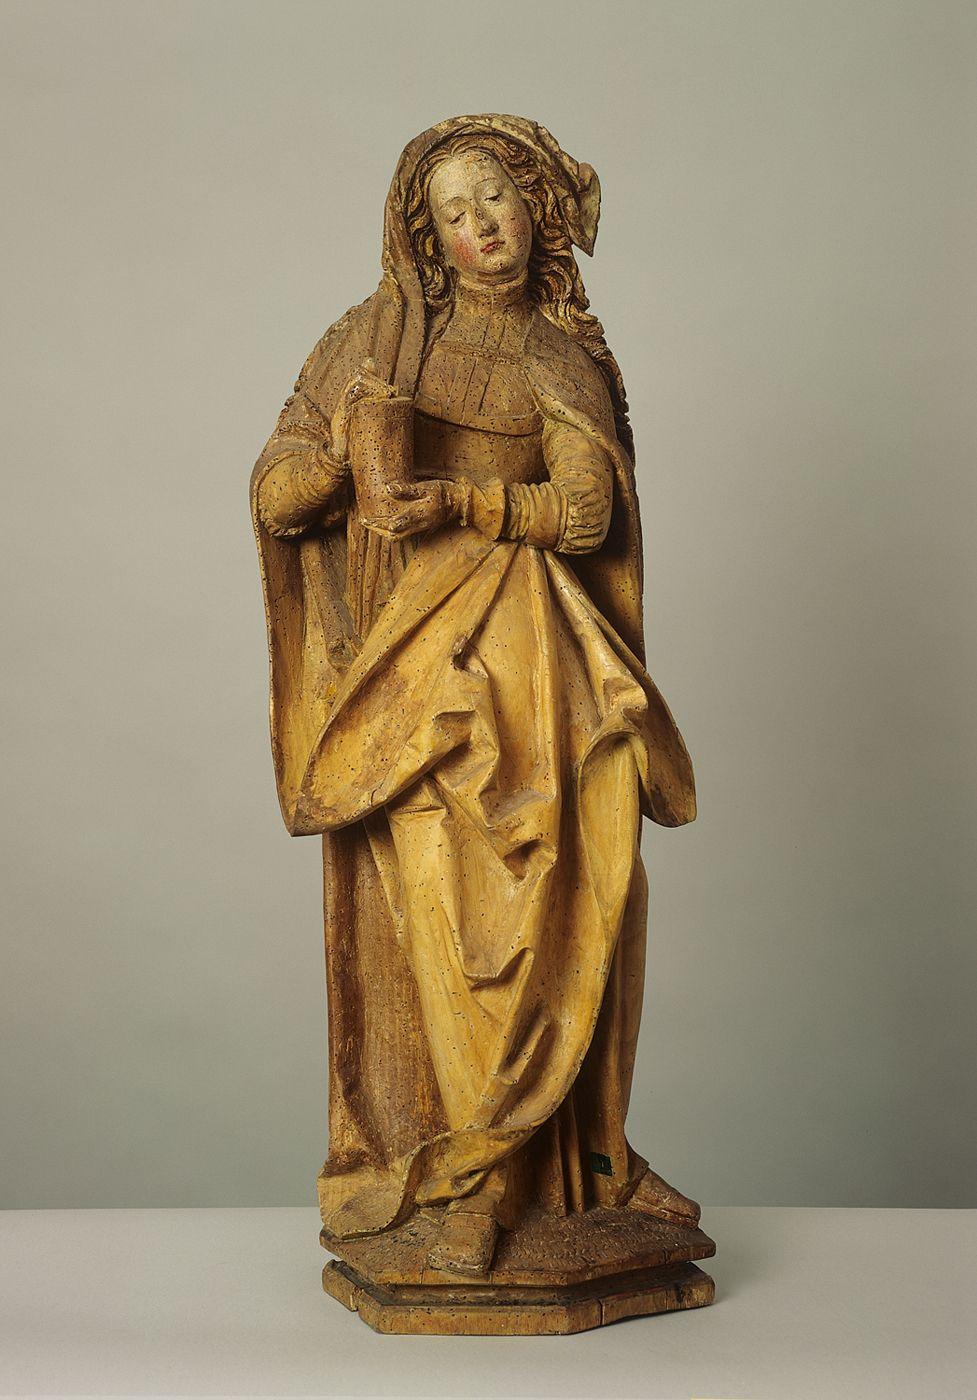 Les Saints Et Les Saintes Au Moyen Age Musee D Art Art Medieval Art